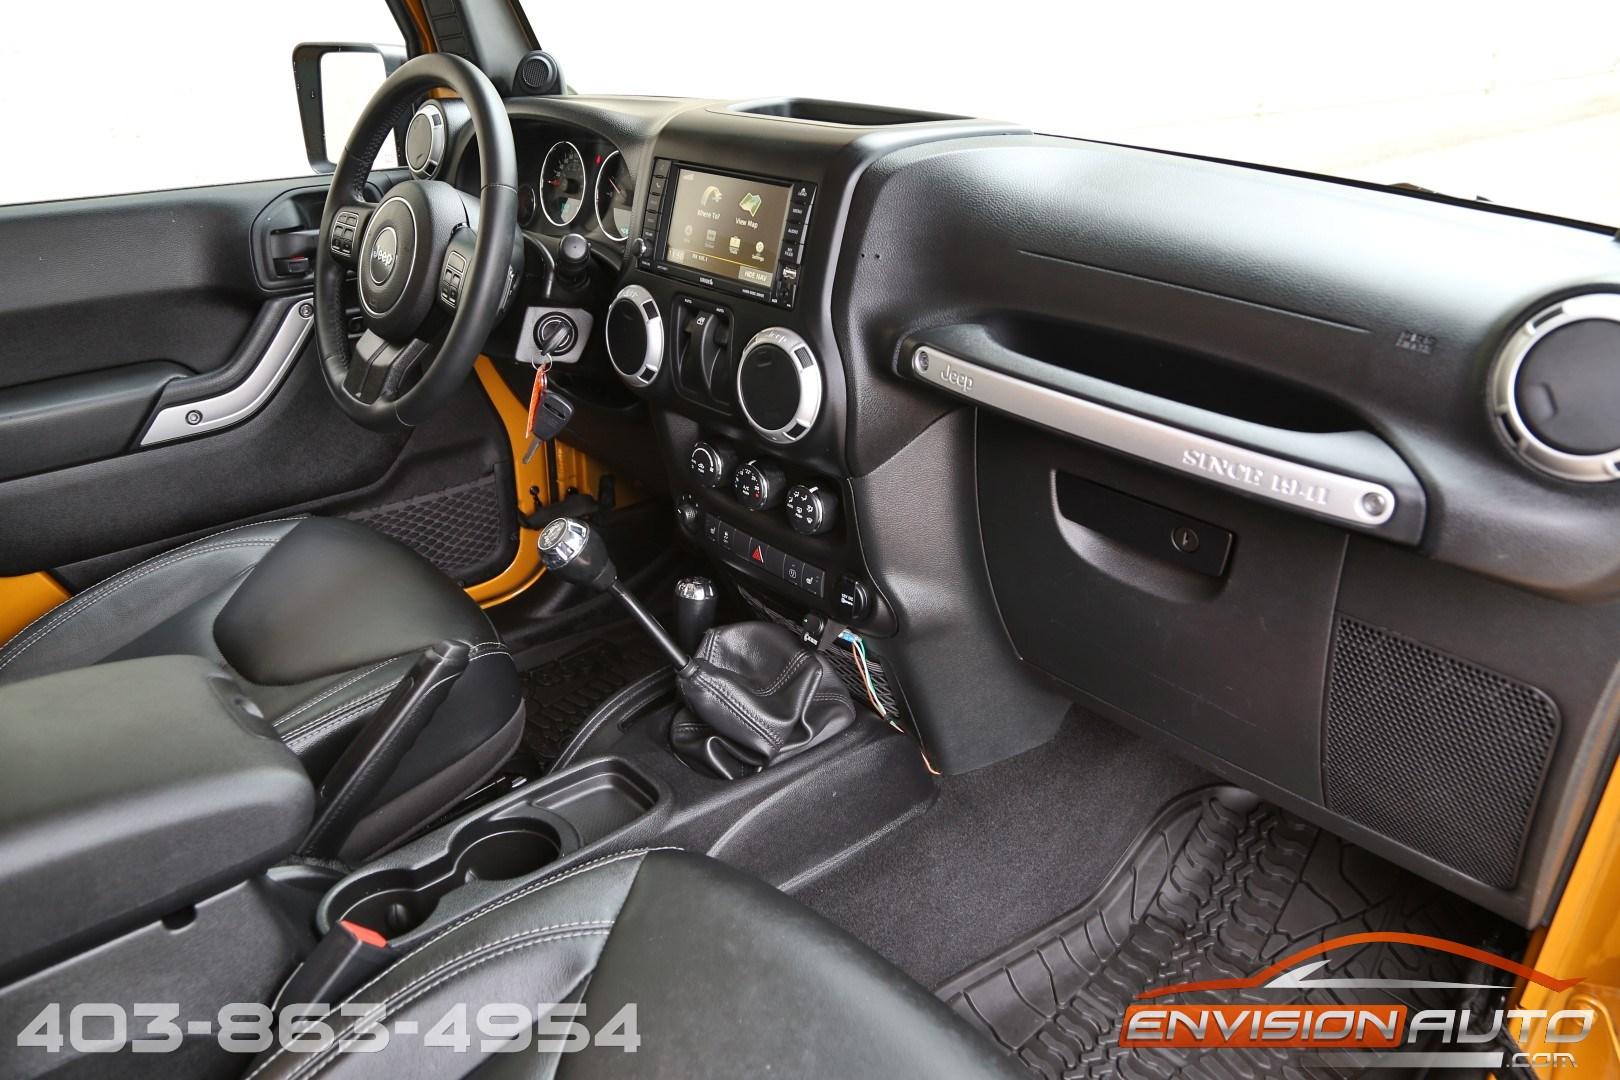 Jeep Wrangler Rubicon 2 Door Manual Floors Doors Interior Design